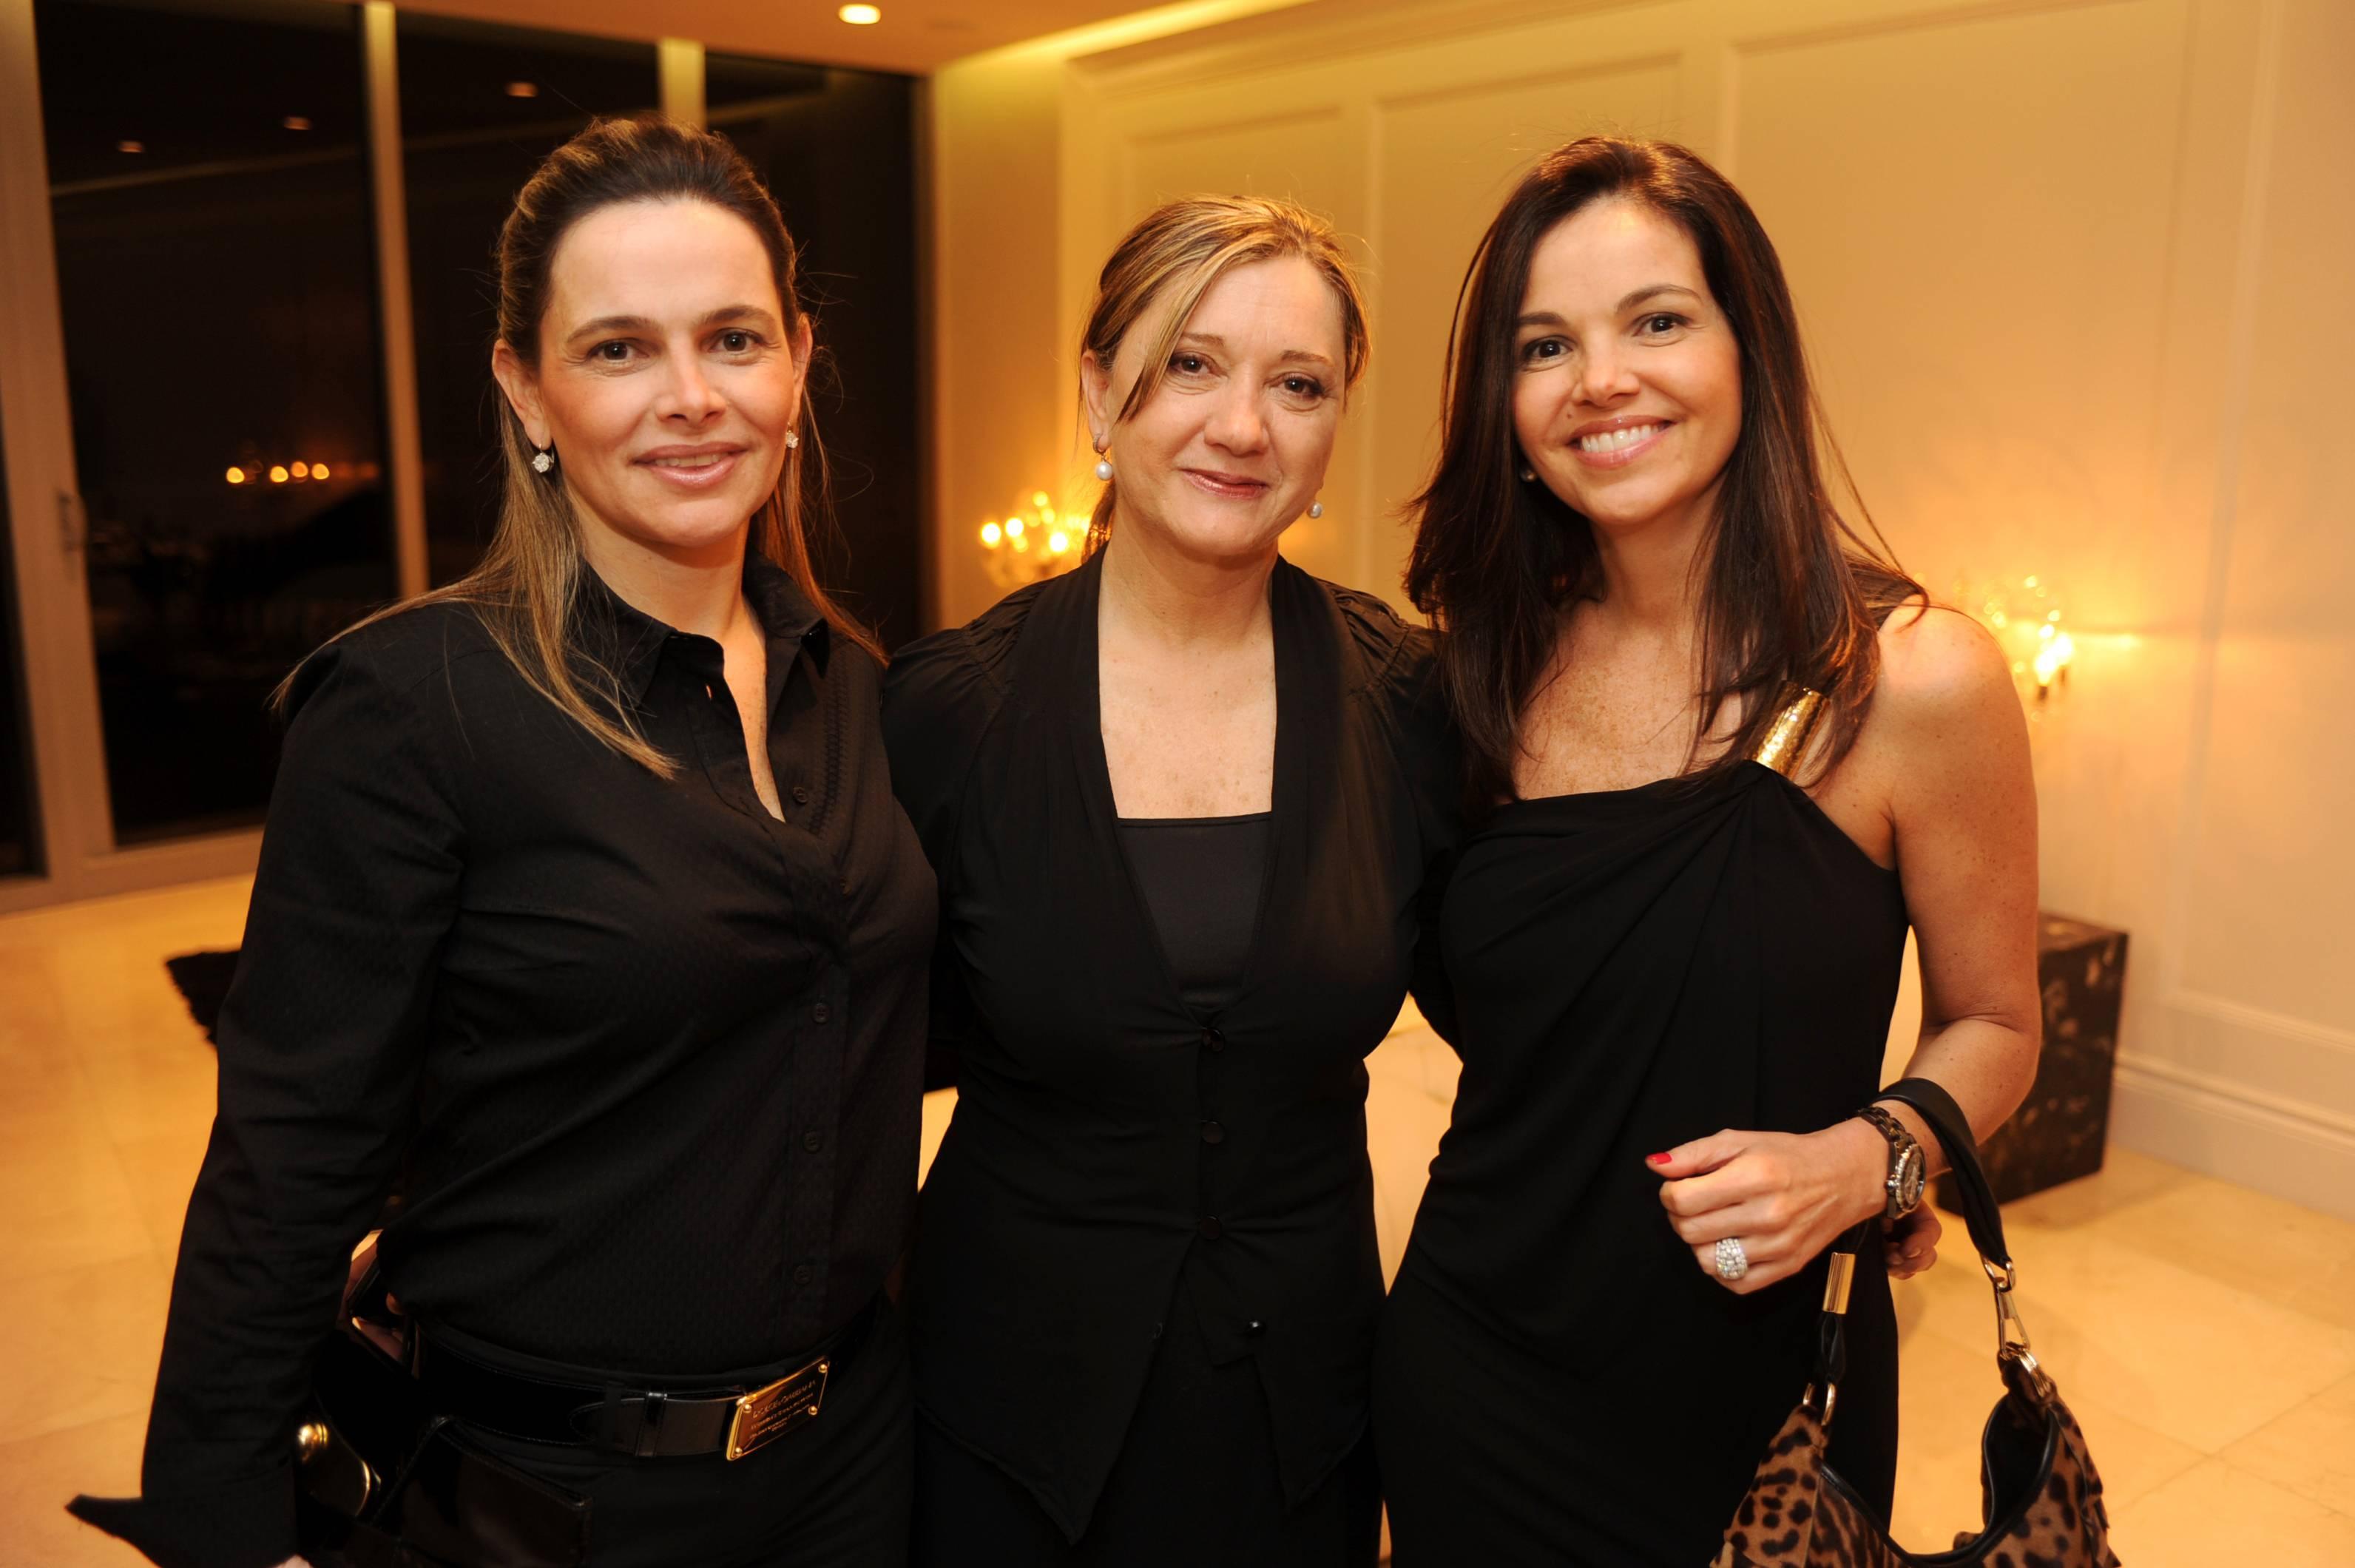 Claudia de Souza,Vania Dos Santos & and Andrea Andrade